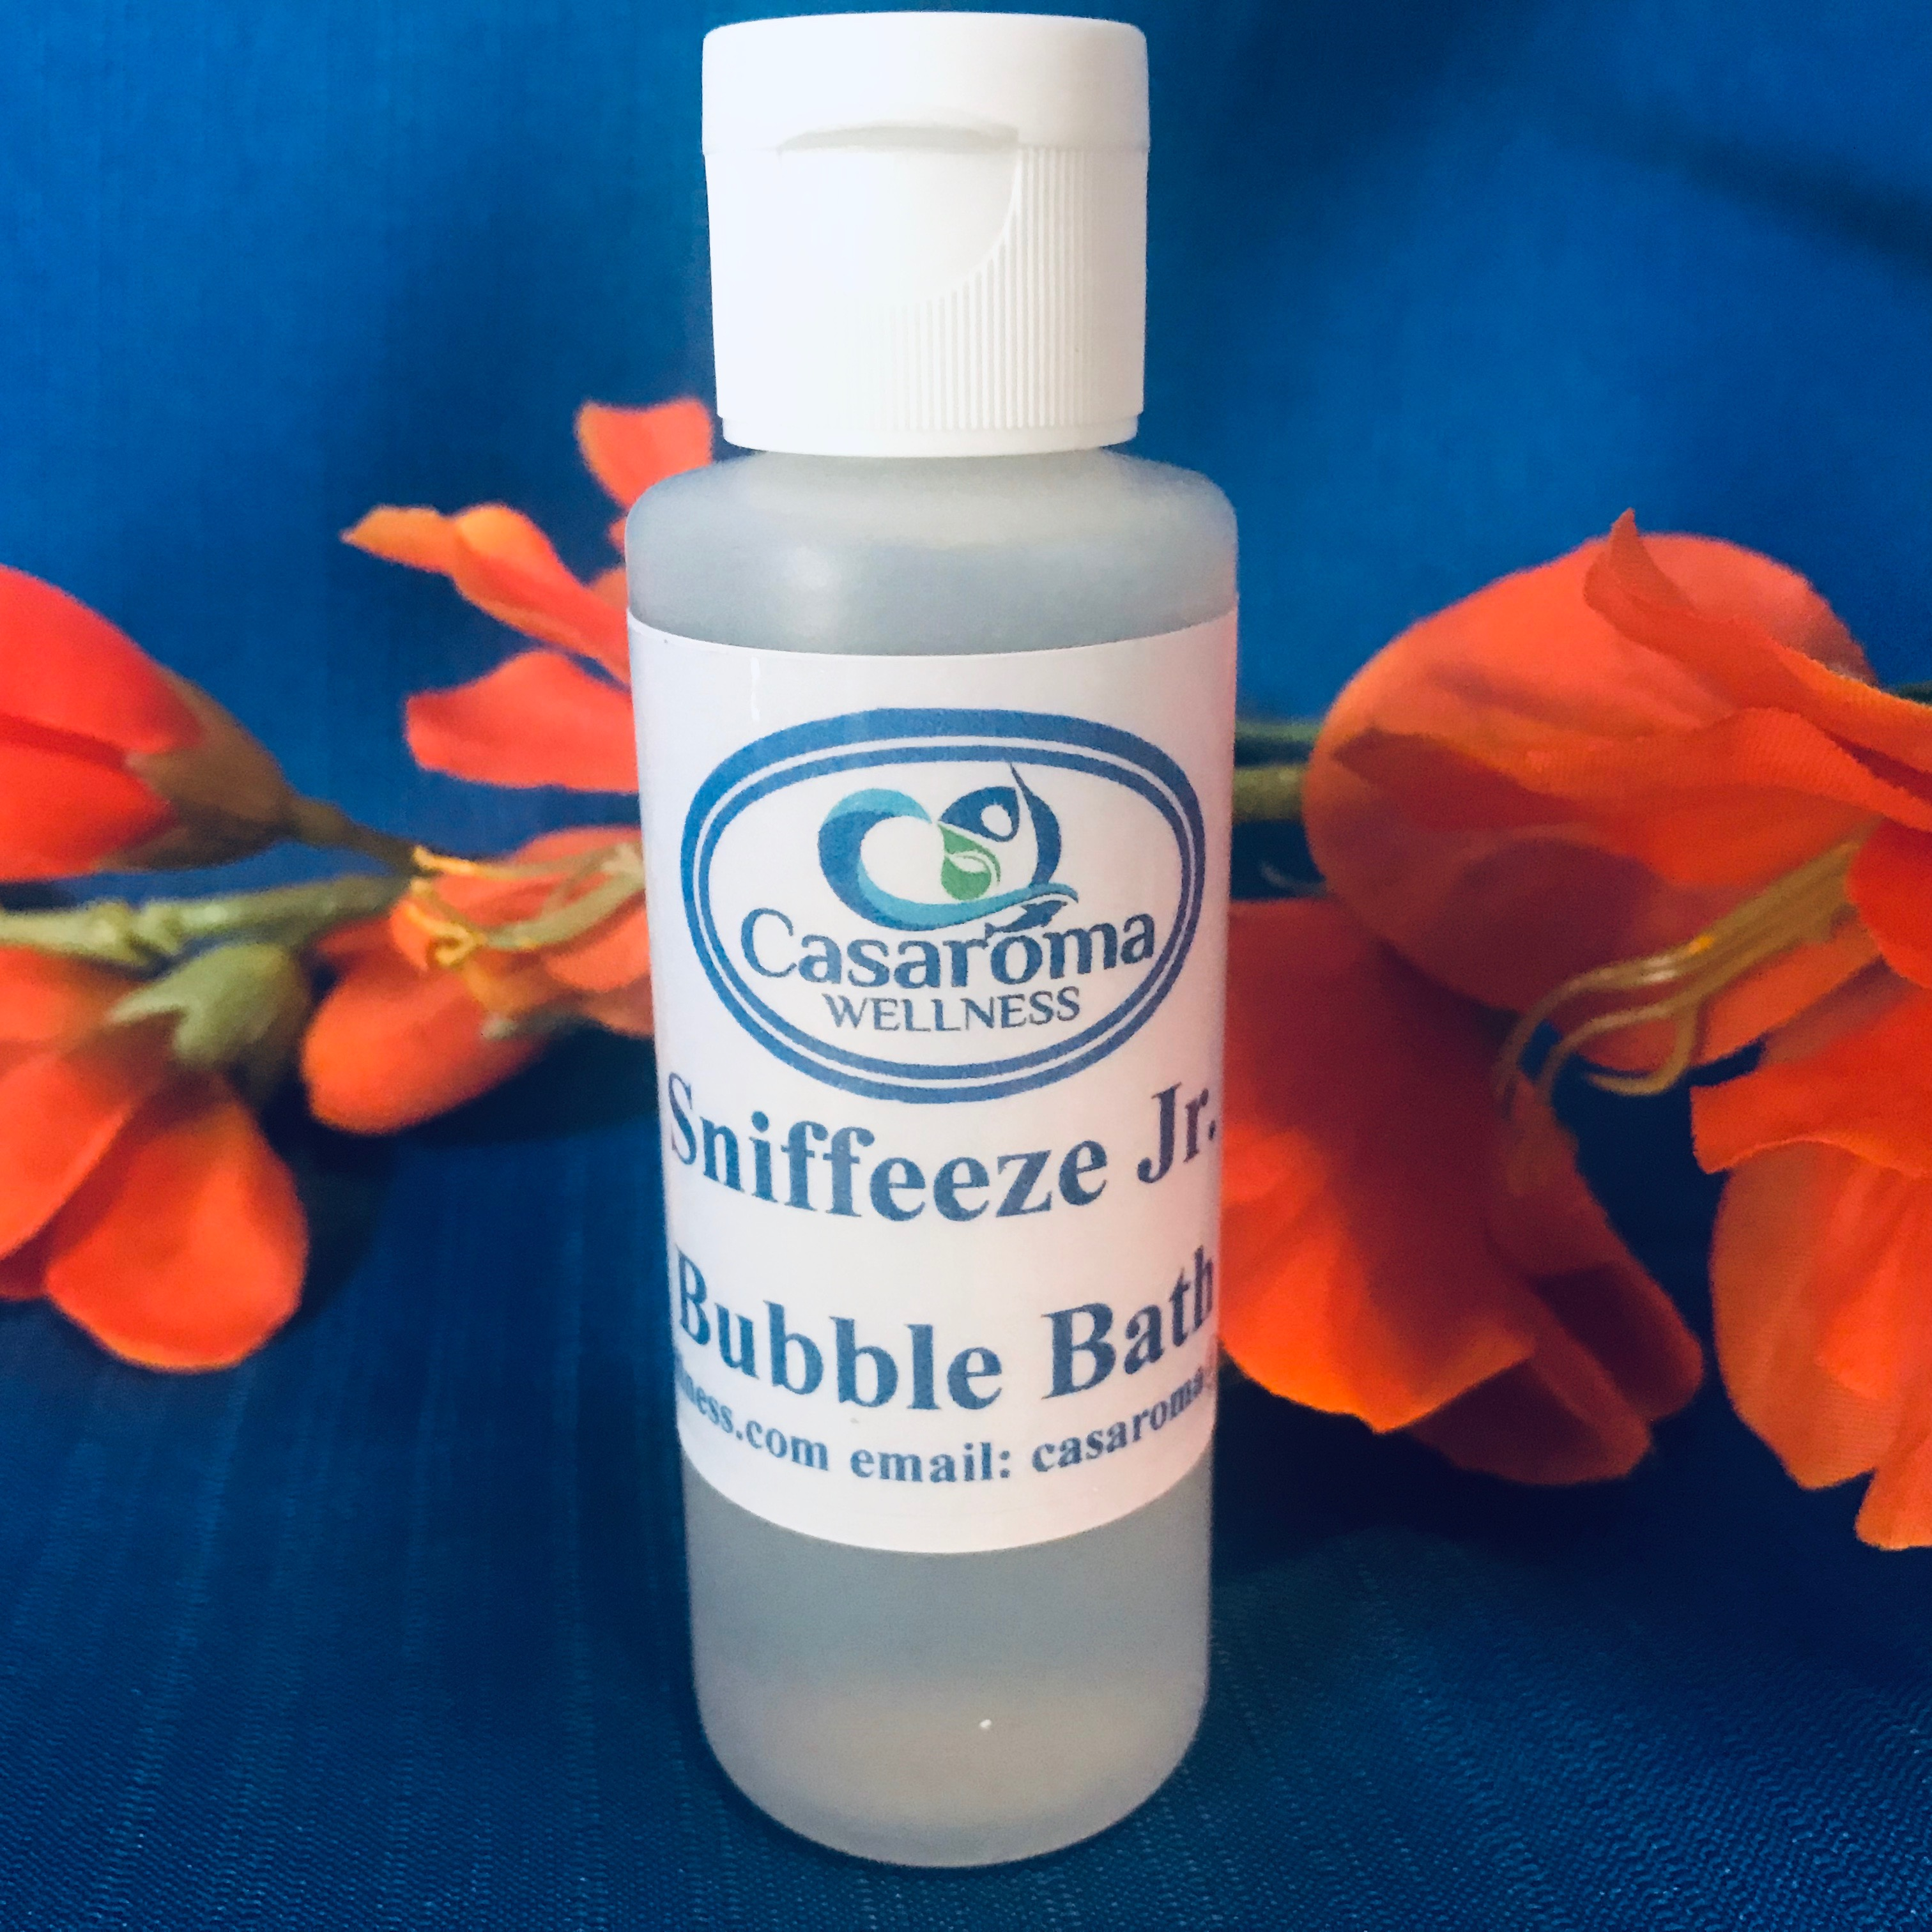 Sniffeeze Jr. Bubble Bath